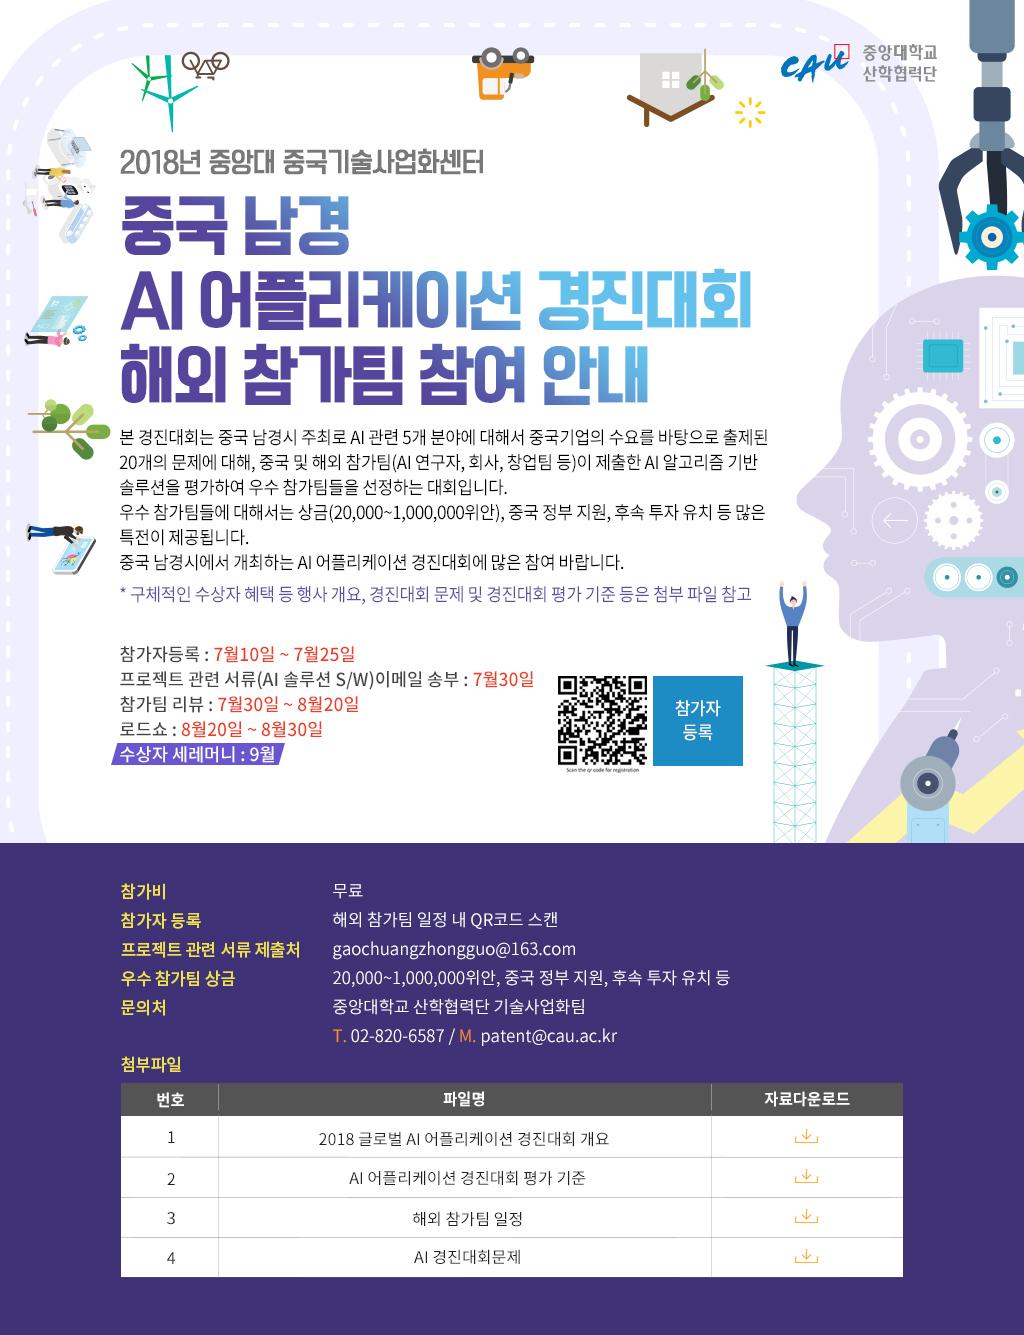 [홍보]2018년 중국 남경 AI 어플리케이션 경진대회 해외 참가팀 참여 안내